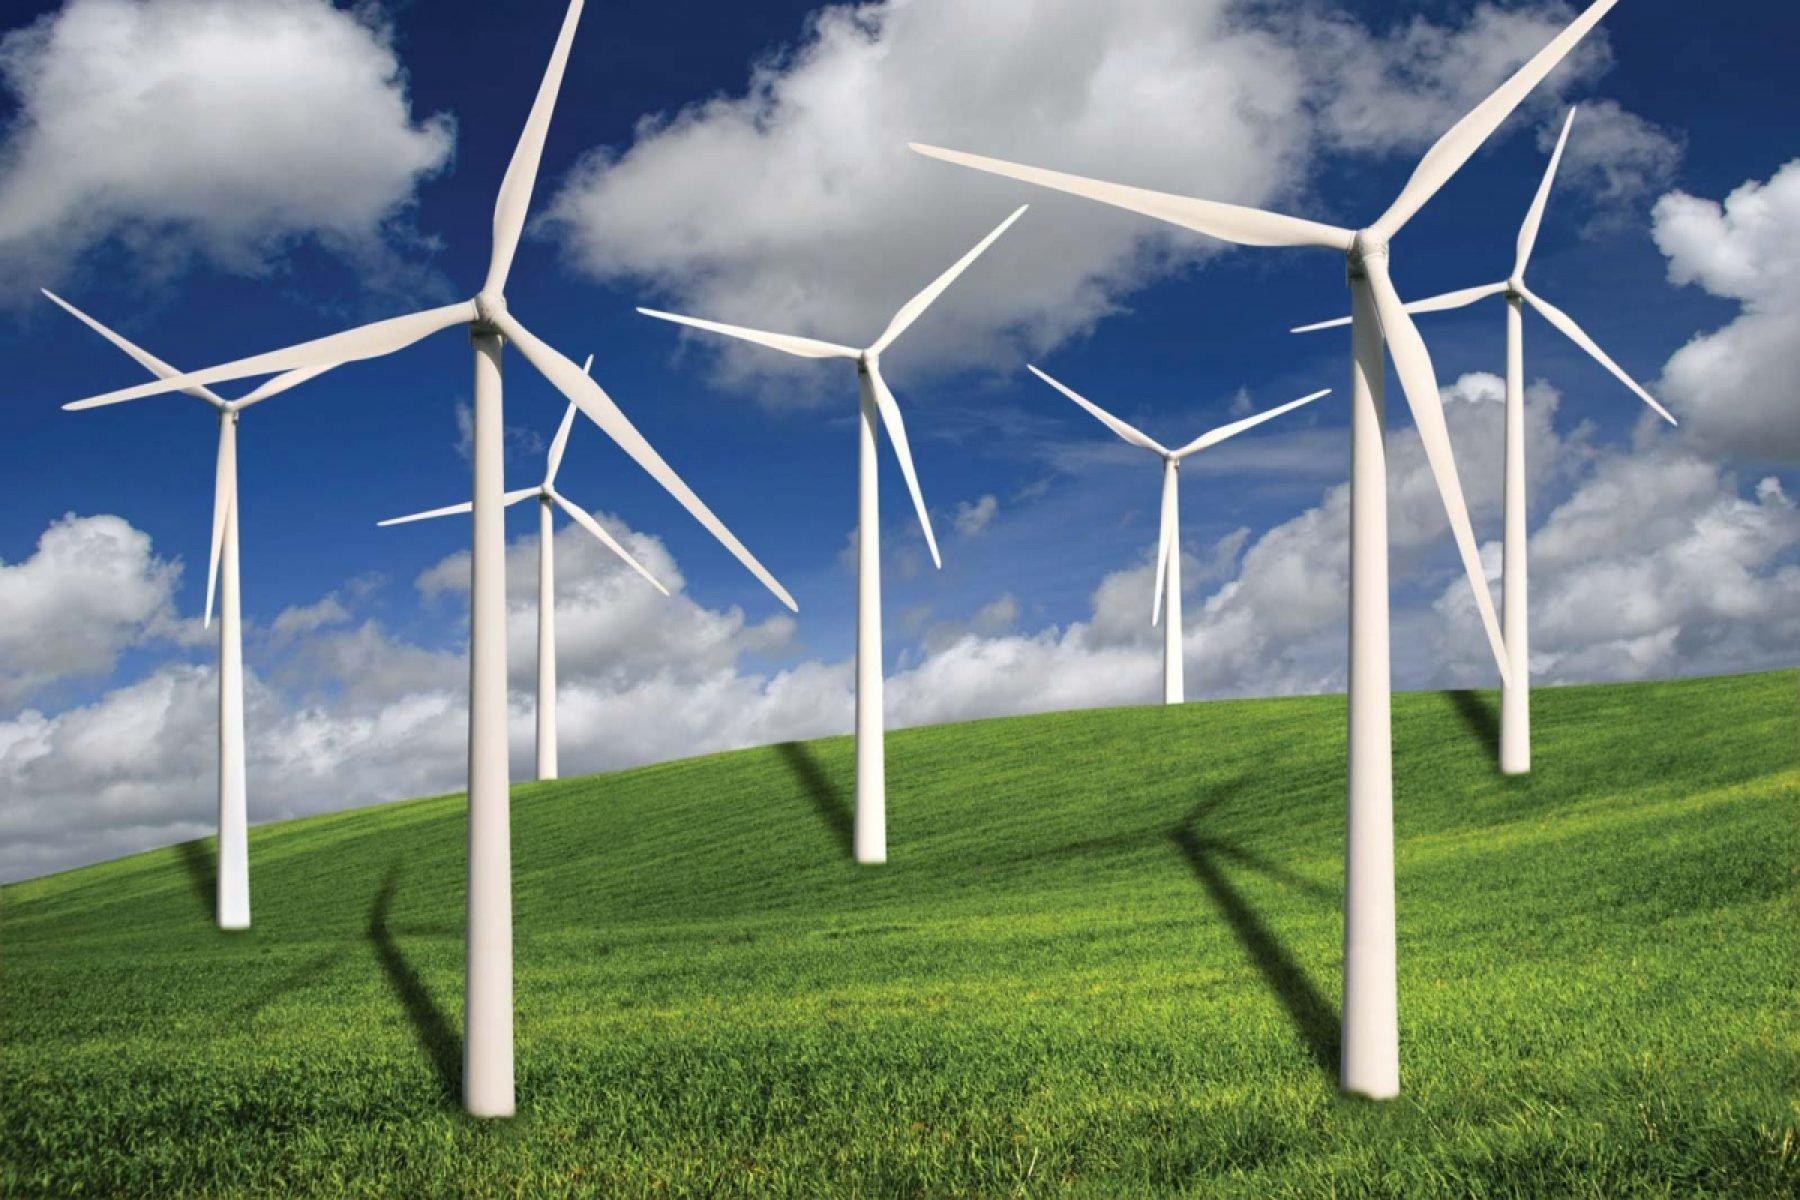 В Україні вирішено знизити тарифи на електрику: Зеленський підписав закон